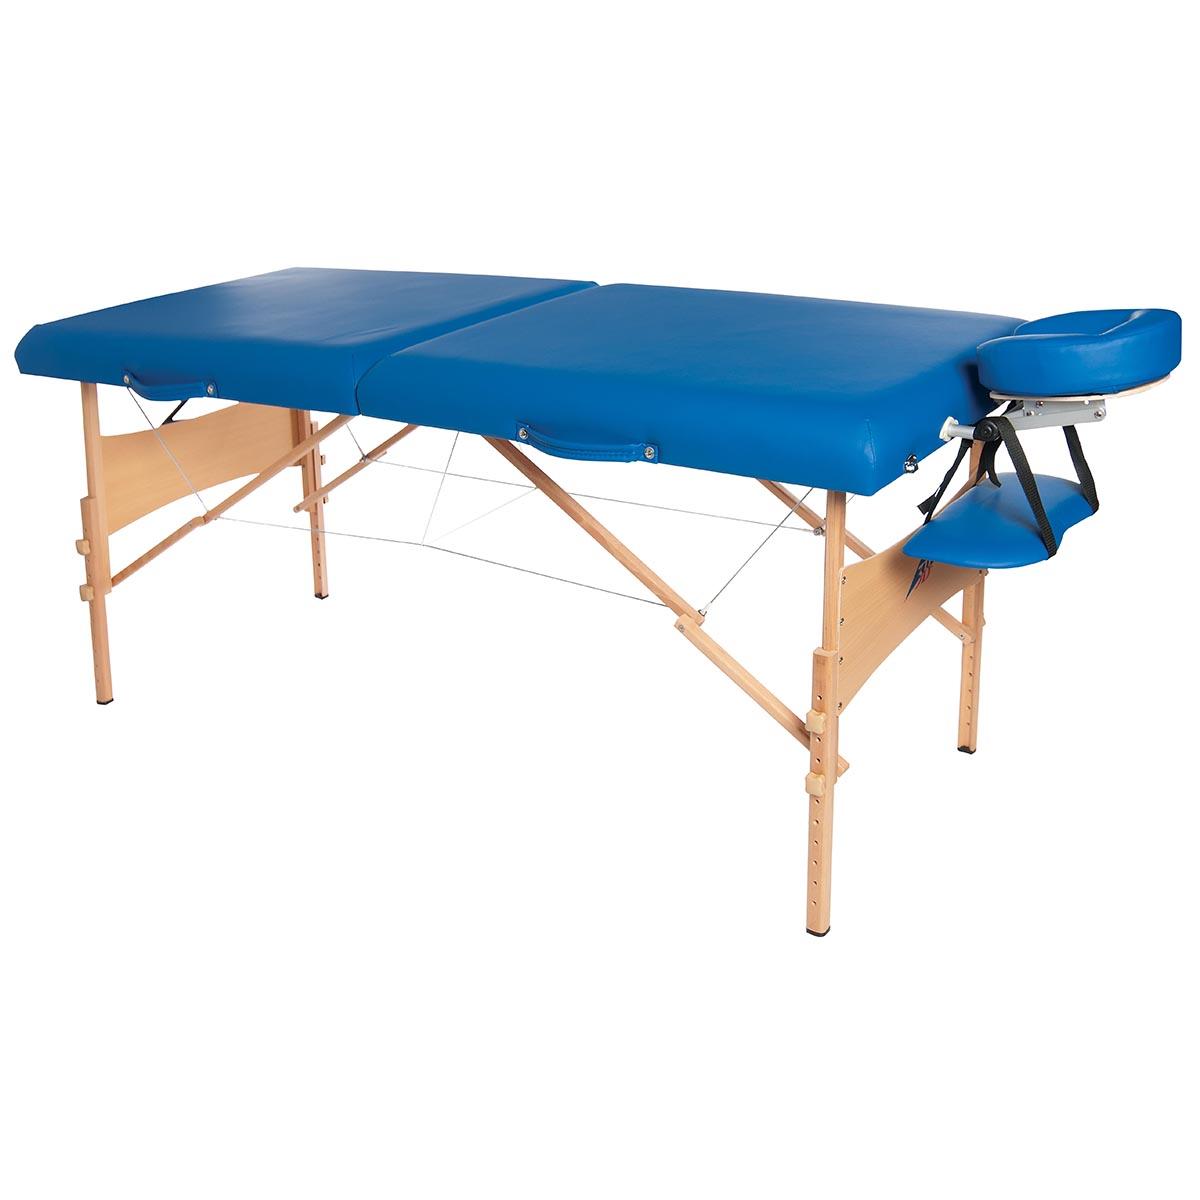 table de massage pliante kin sith rapie ost opathie table portable l g re confort. Black Bedroom Furniture Sets. Home Design Ideas